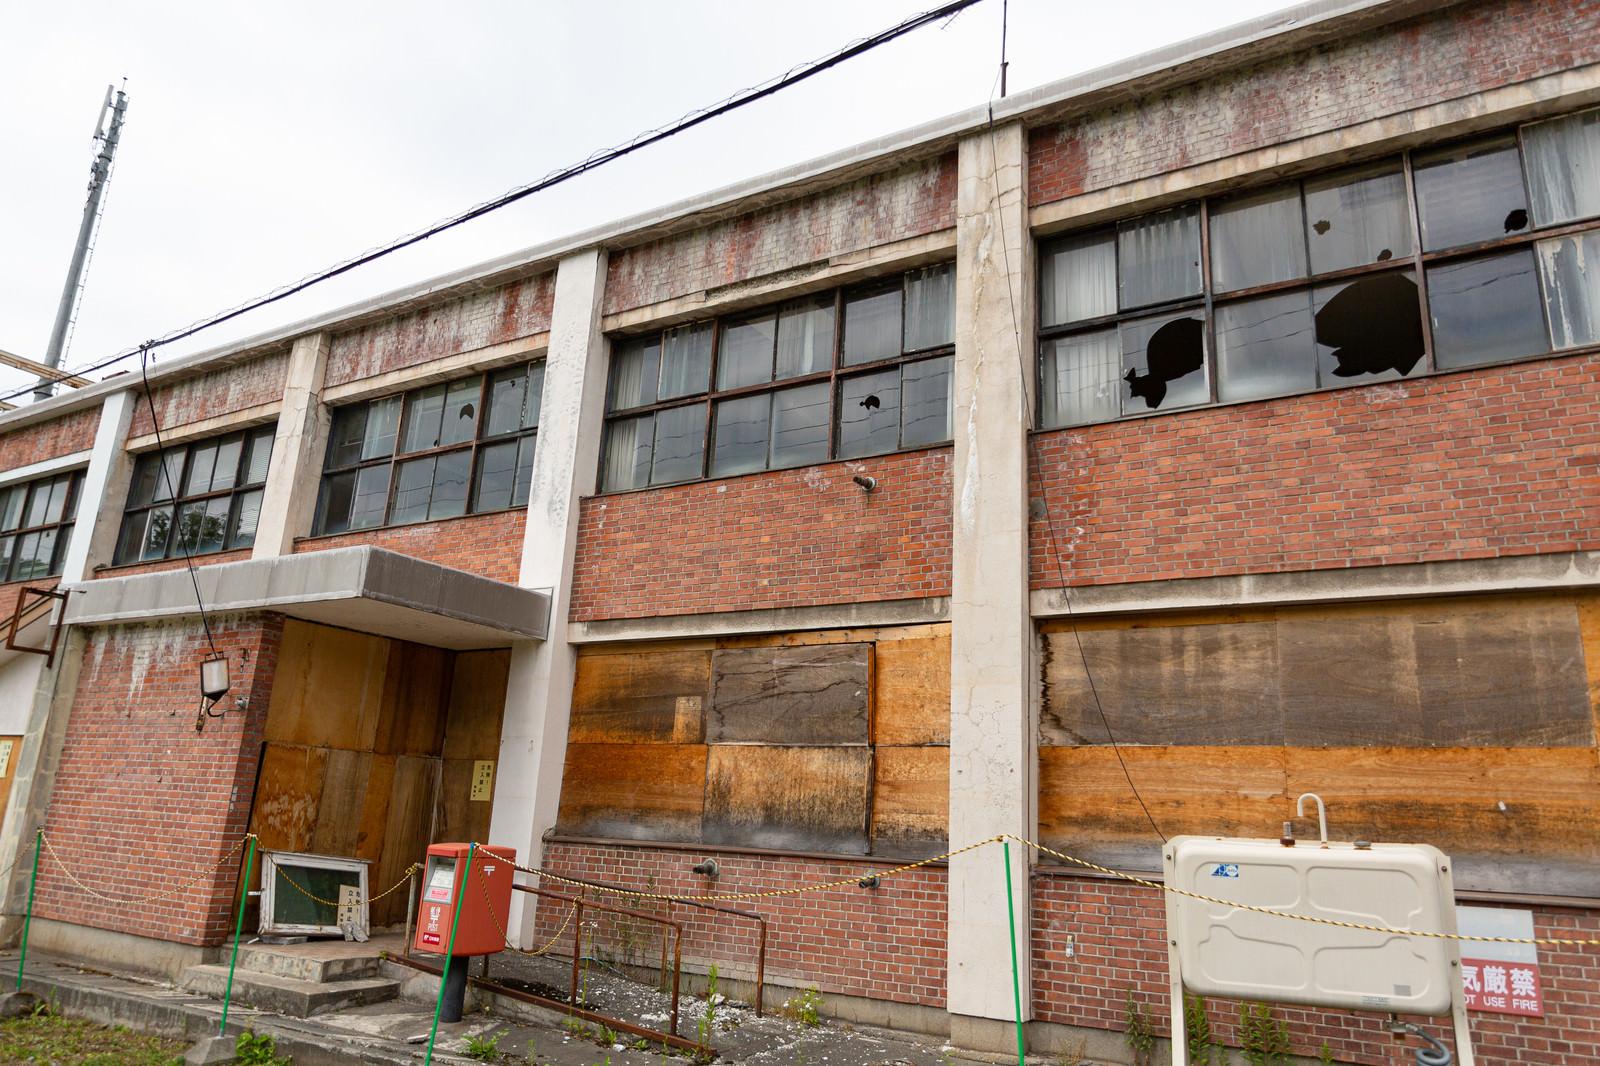 「窓ガラスが割られ廃墟感漂う美唄市我路郵便局」の写真